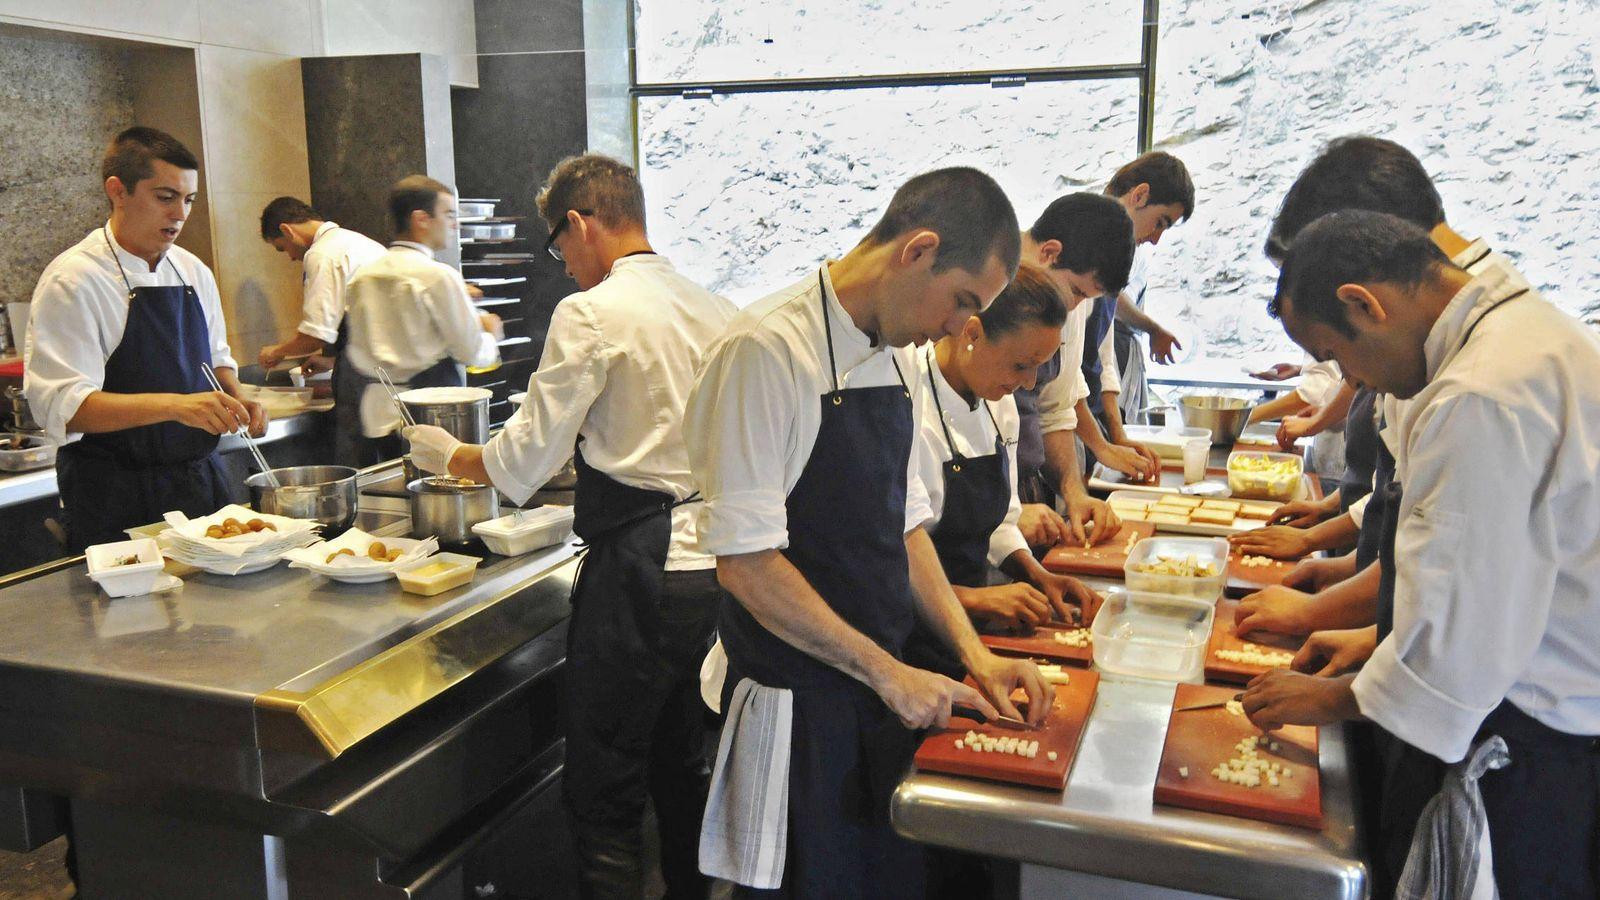 Foto: Cocineros de El Bulli preparando alimentos en 2011. (EFE)